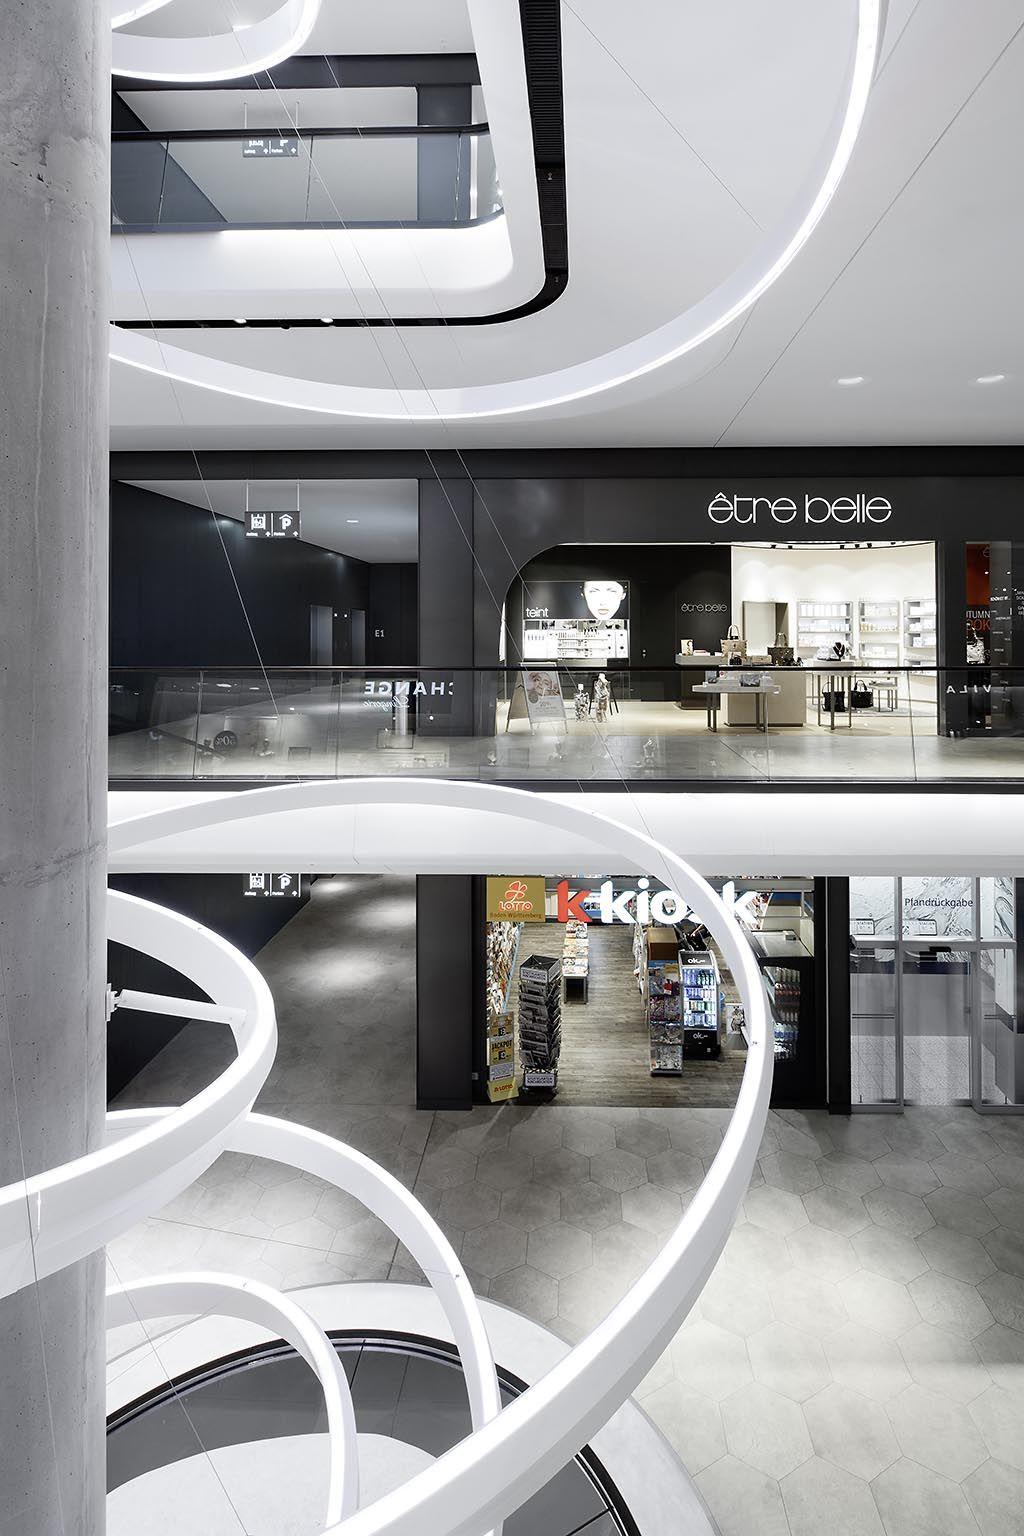 Innenarchitekturbüro Stuttgart das gerber stuttgart shopping mall interior design ippolito